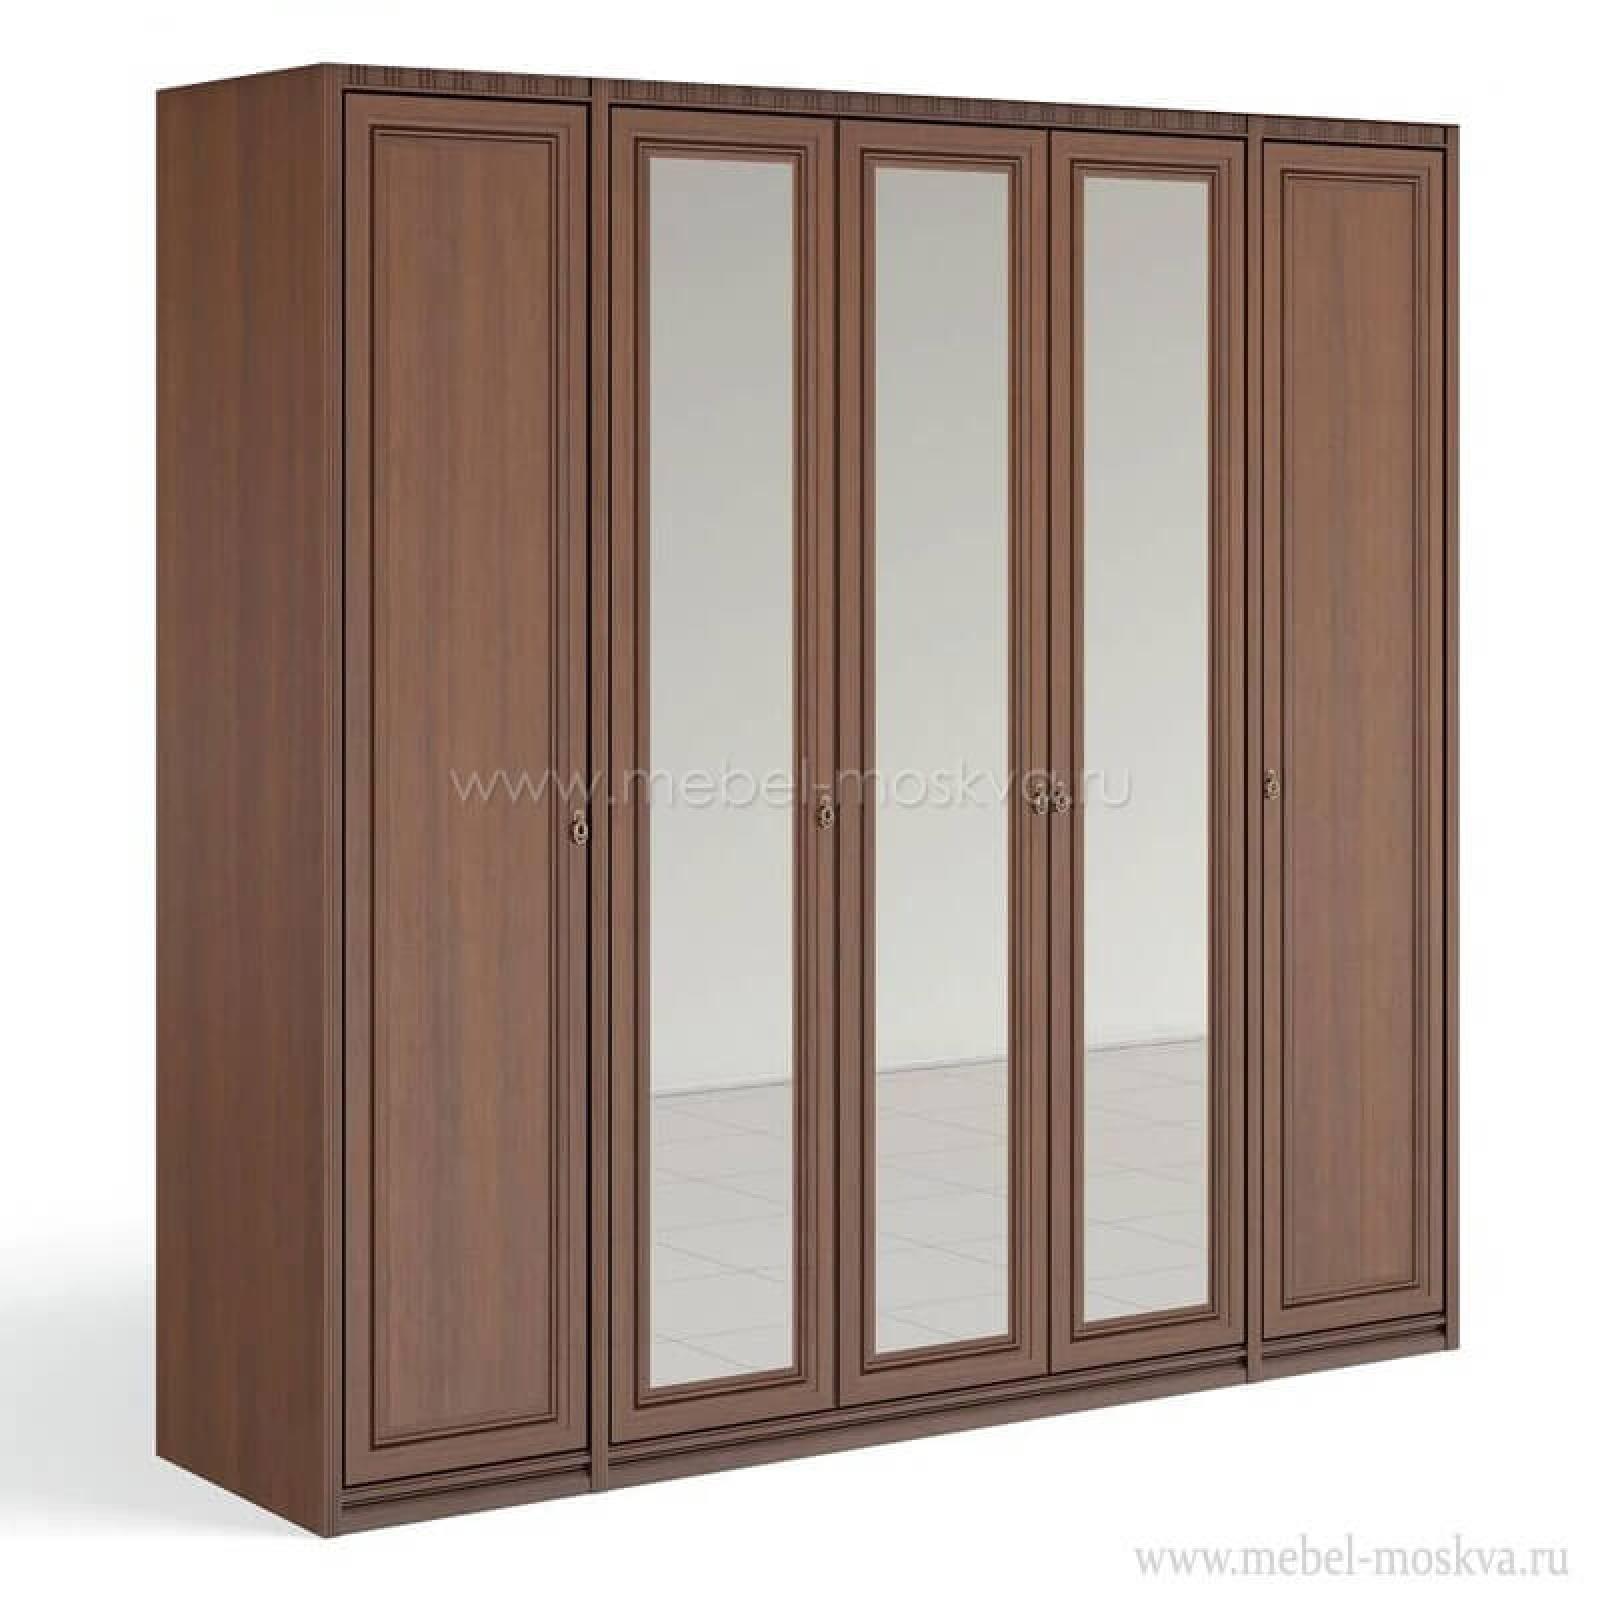 """""""Рапсодия Ю"""" Ю355.15 Шкаф для одежды и белья 5-ти дв. 3 зеркала - 2"""